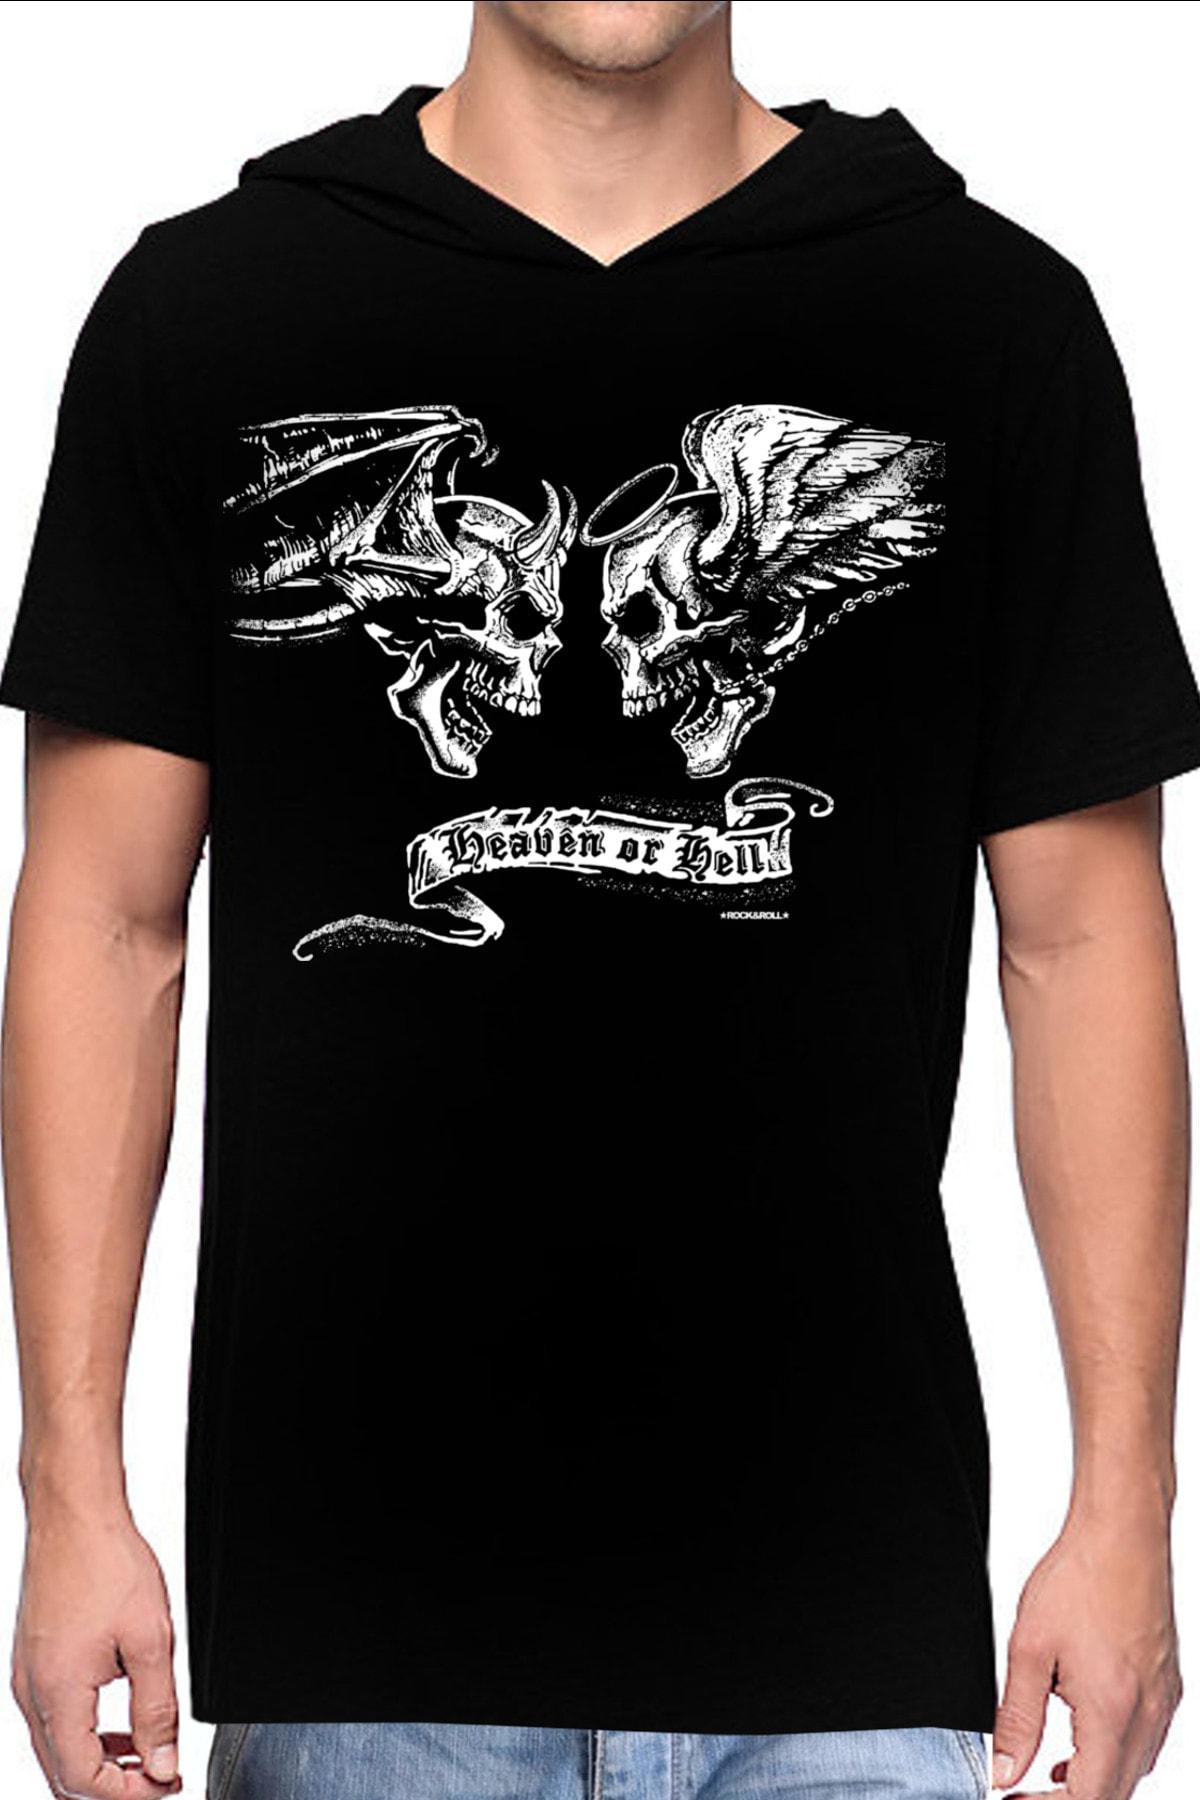 Rock & Roll Melek Şeytan Siyah Kapşonlu Kısa Kollu Erkek T-shirt 0